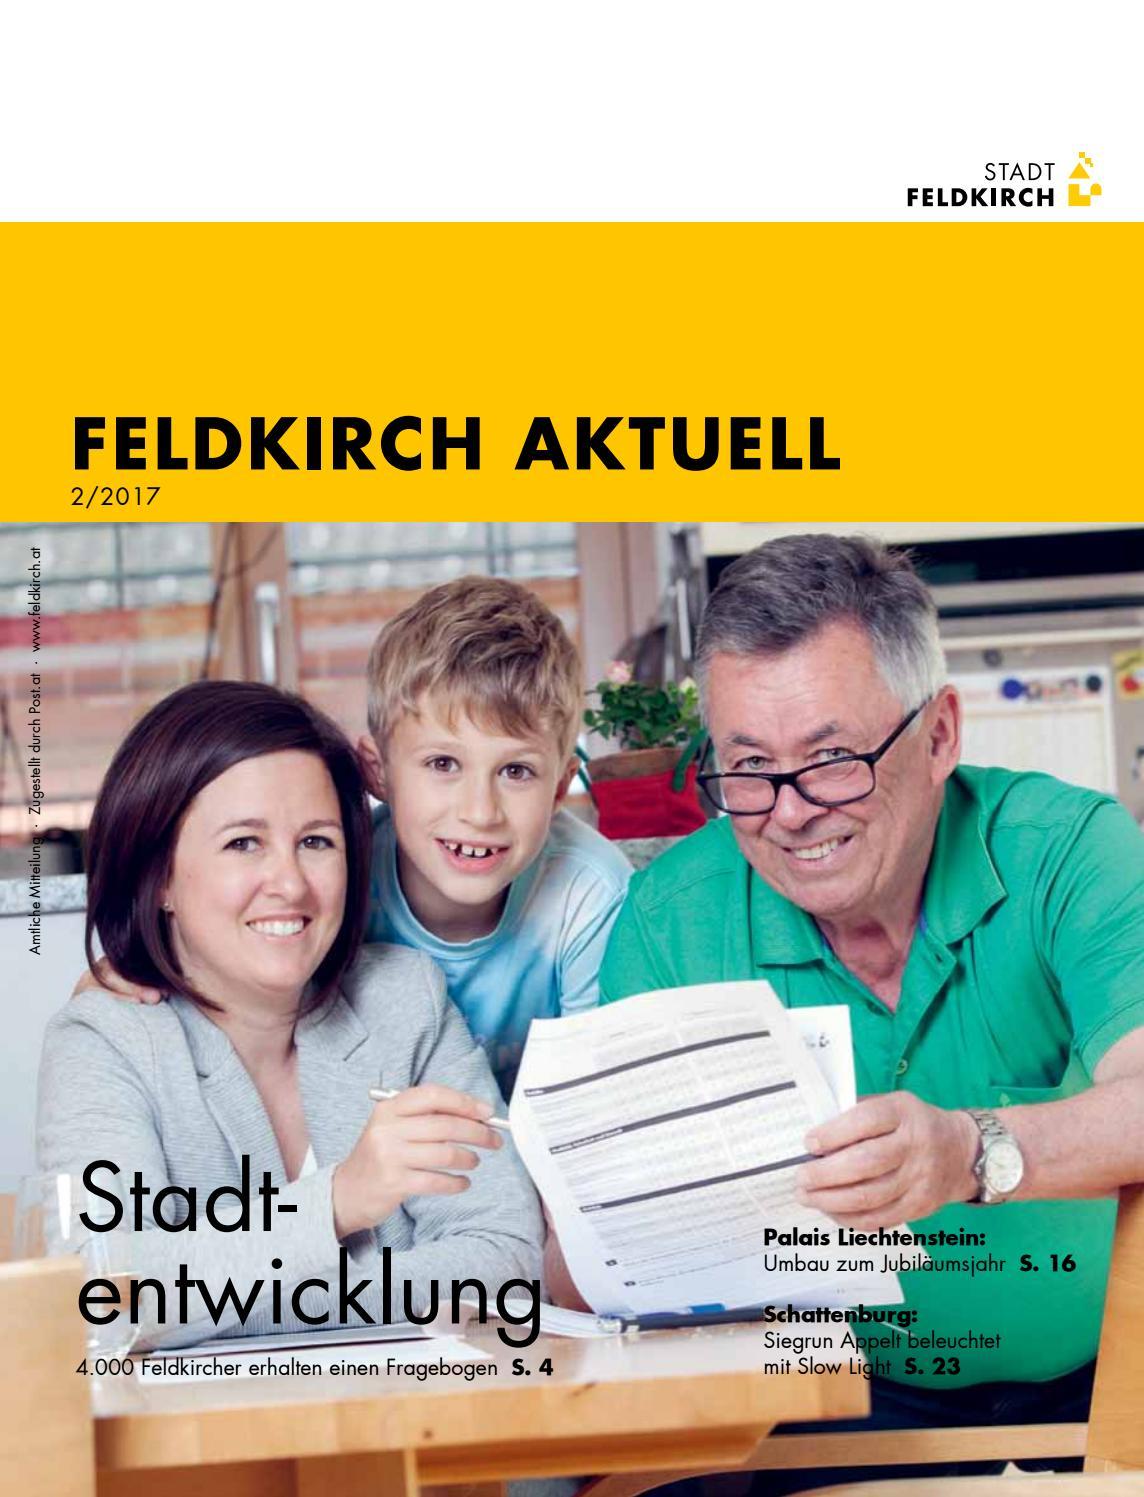 Krperliche Grenzen kennenlernen - Feldkirch | huggology.com